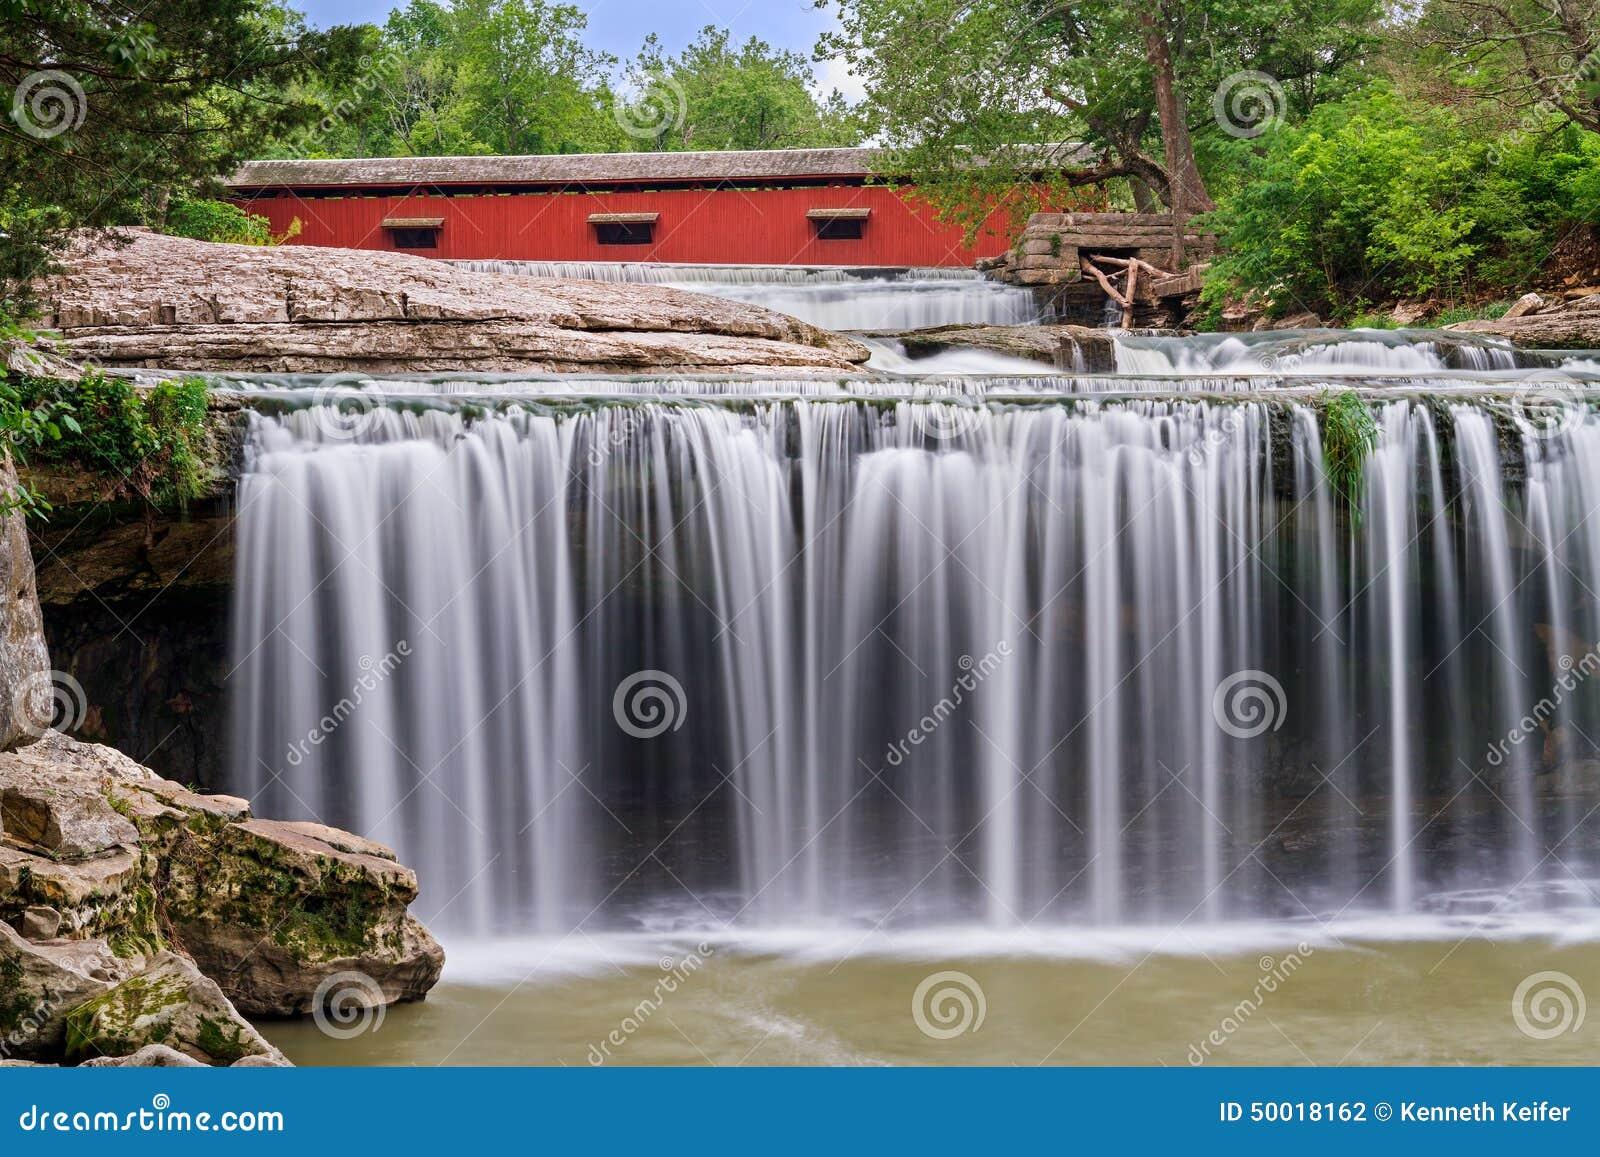 Wasserfall und rote überdachte Brücke